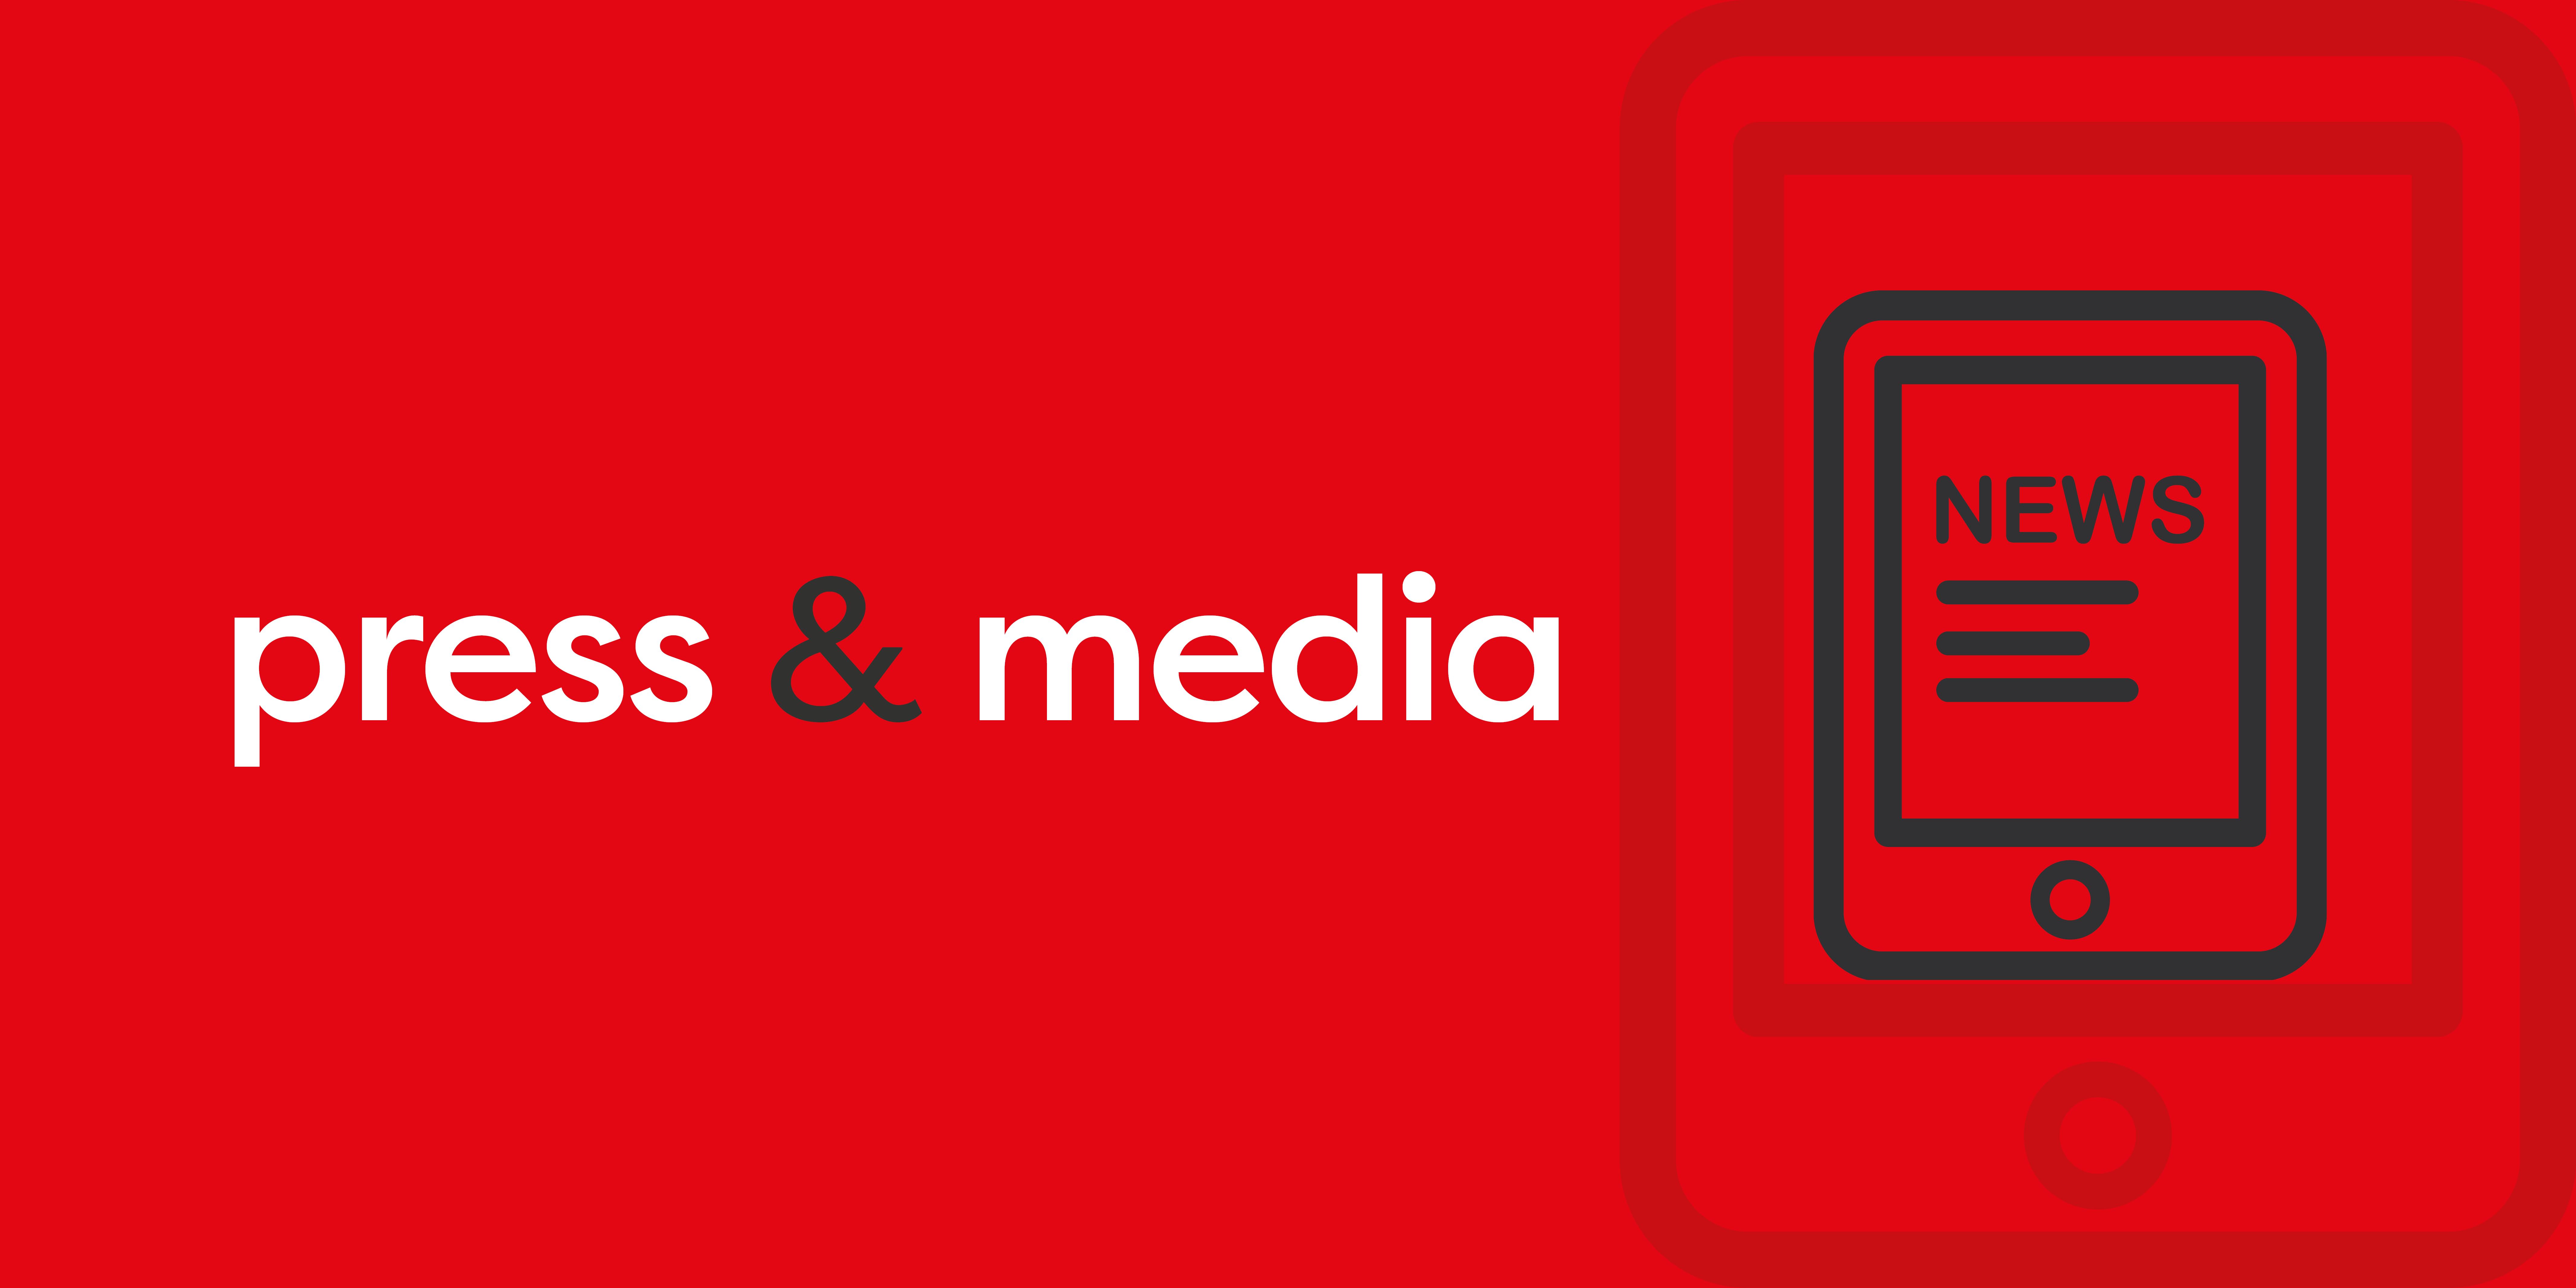 press & media